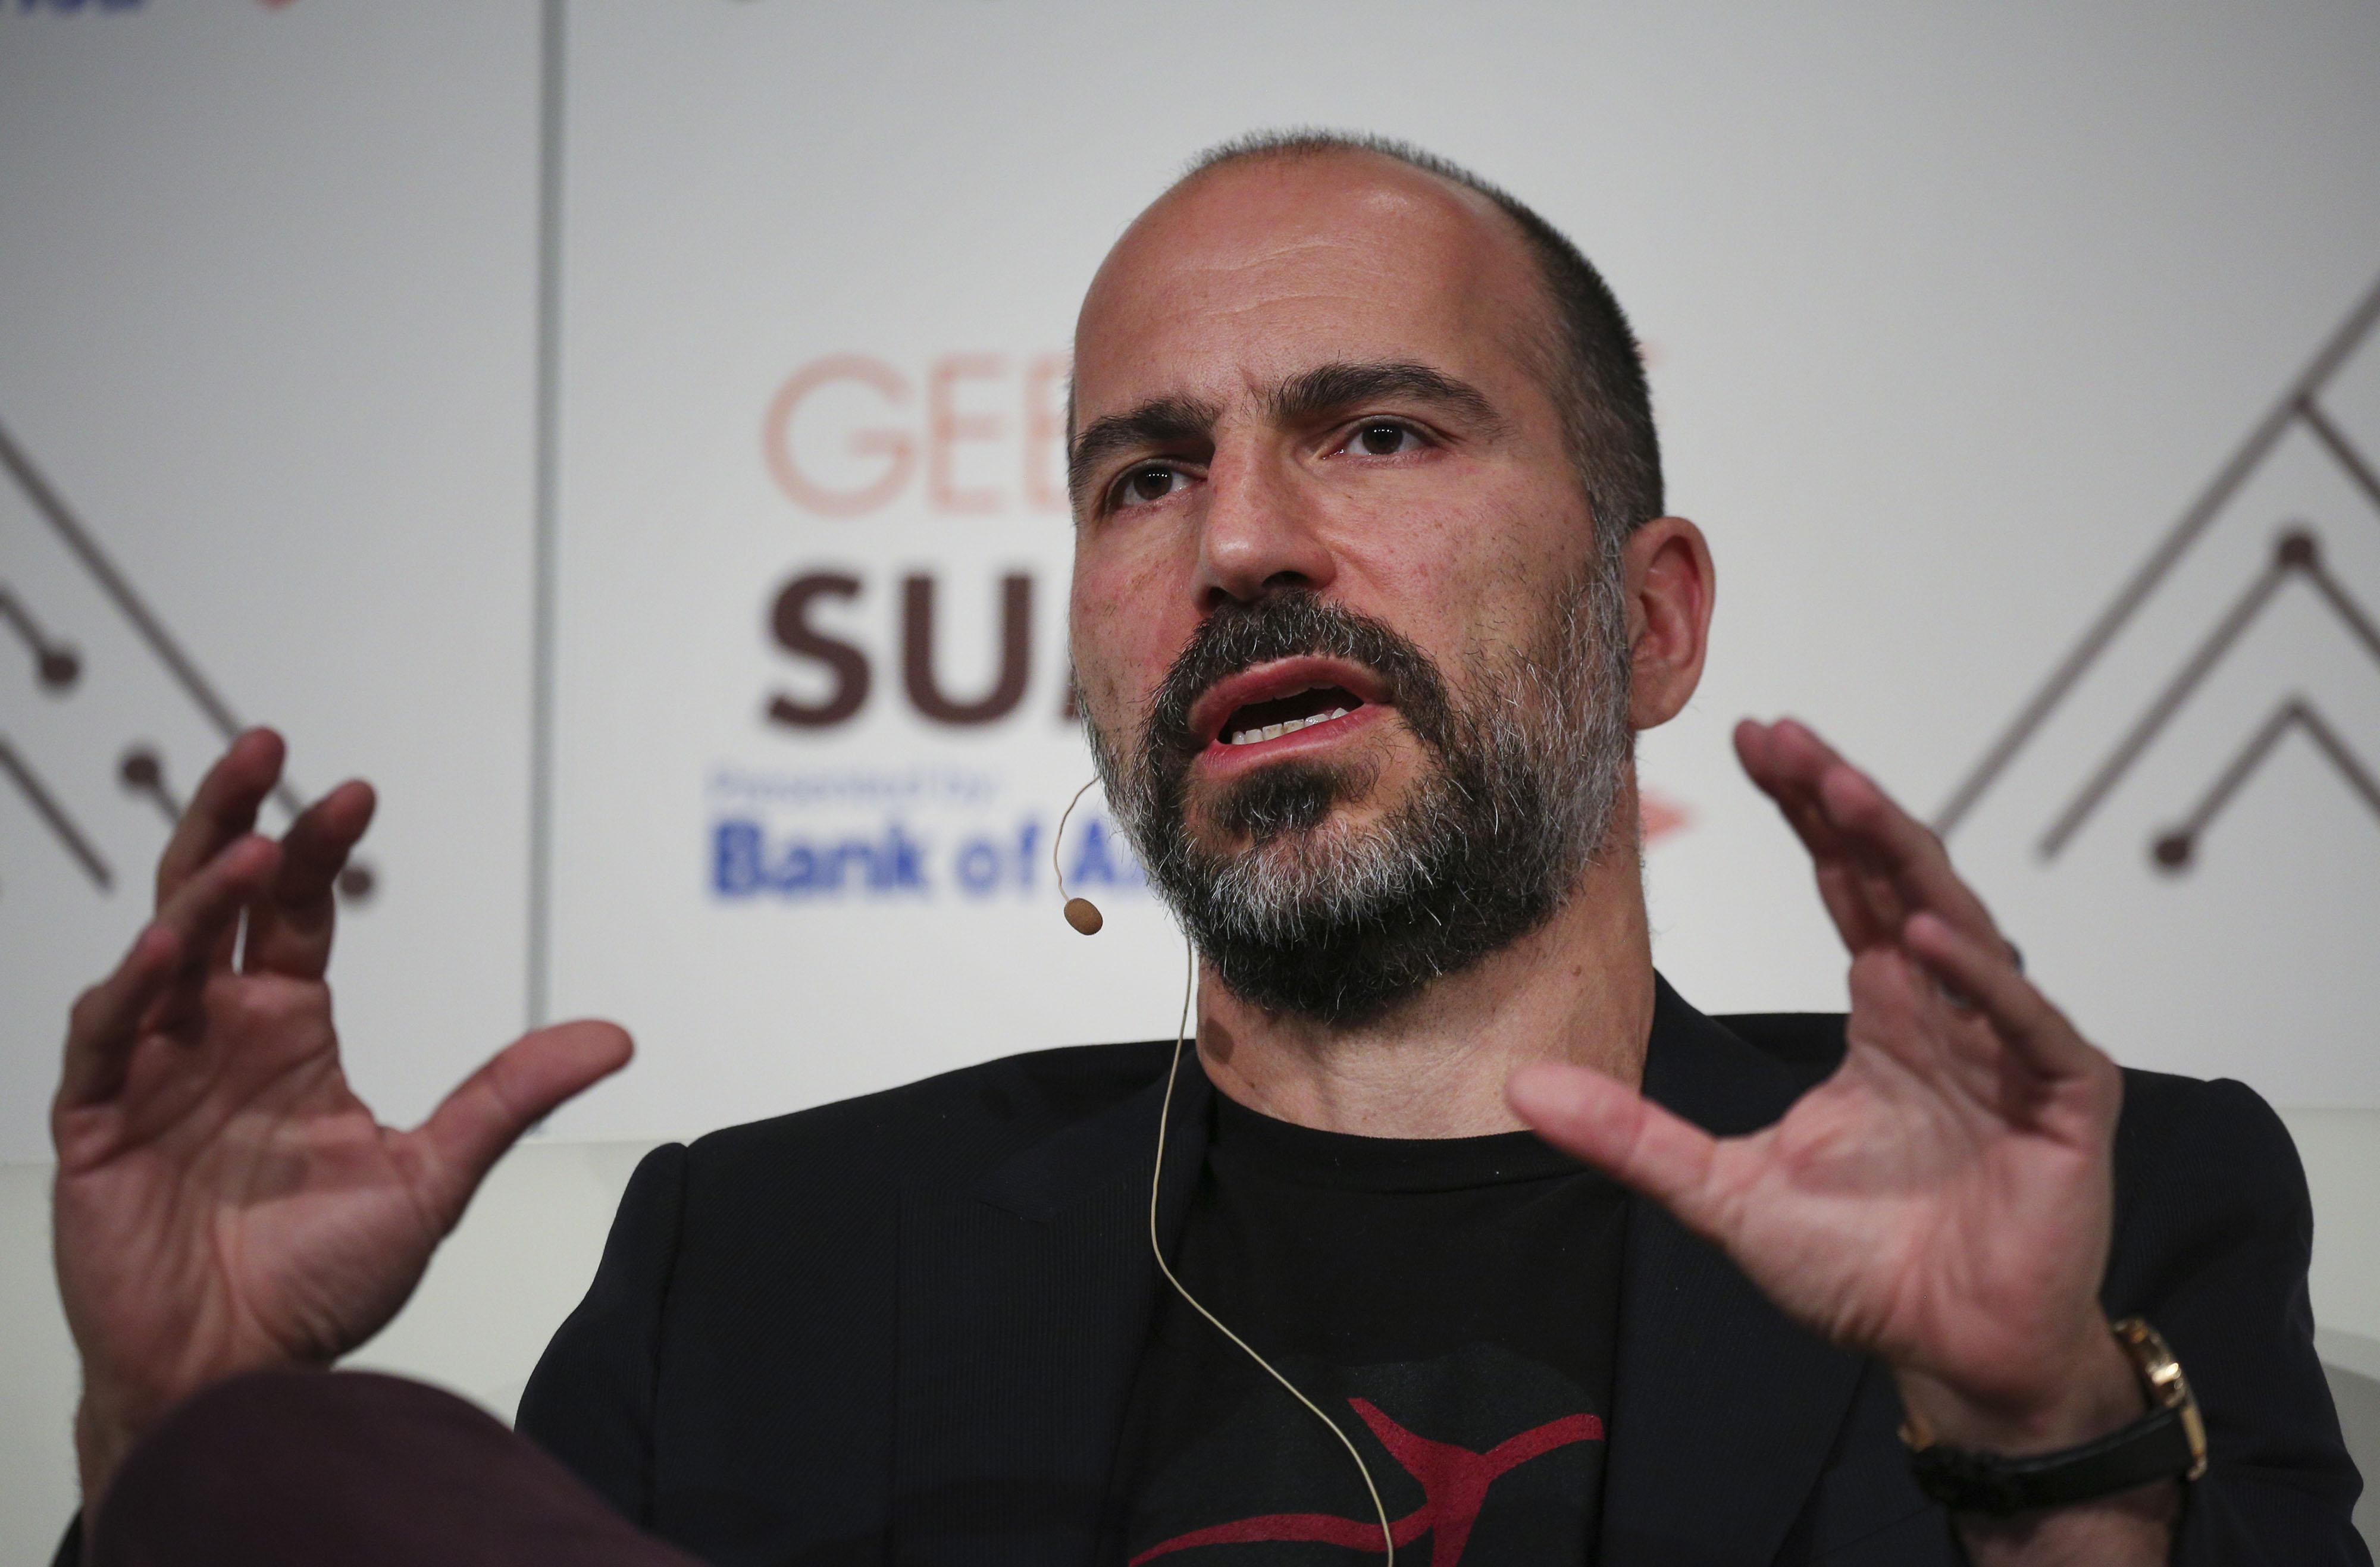 Key Speakers At The GeekWire Summit